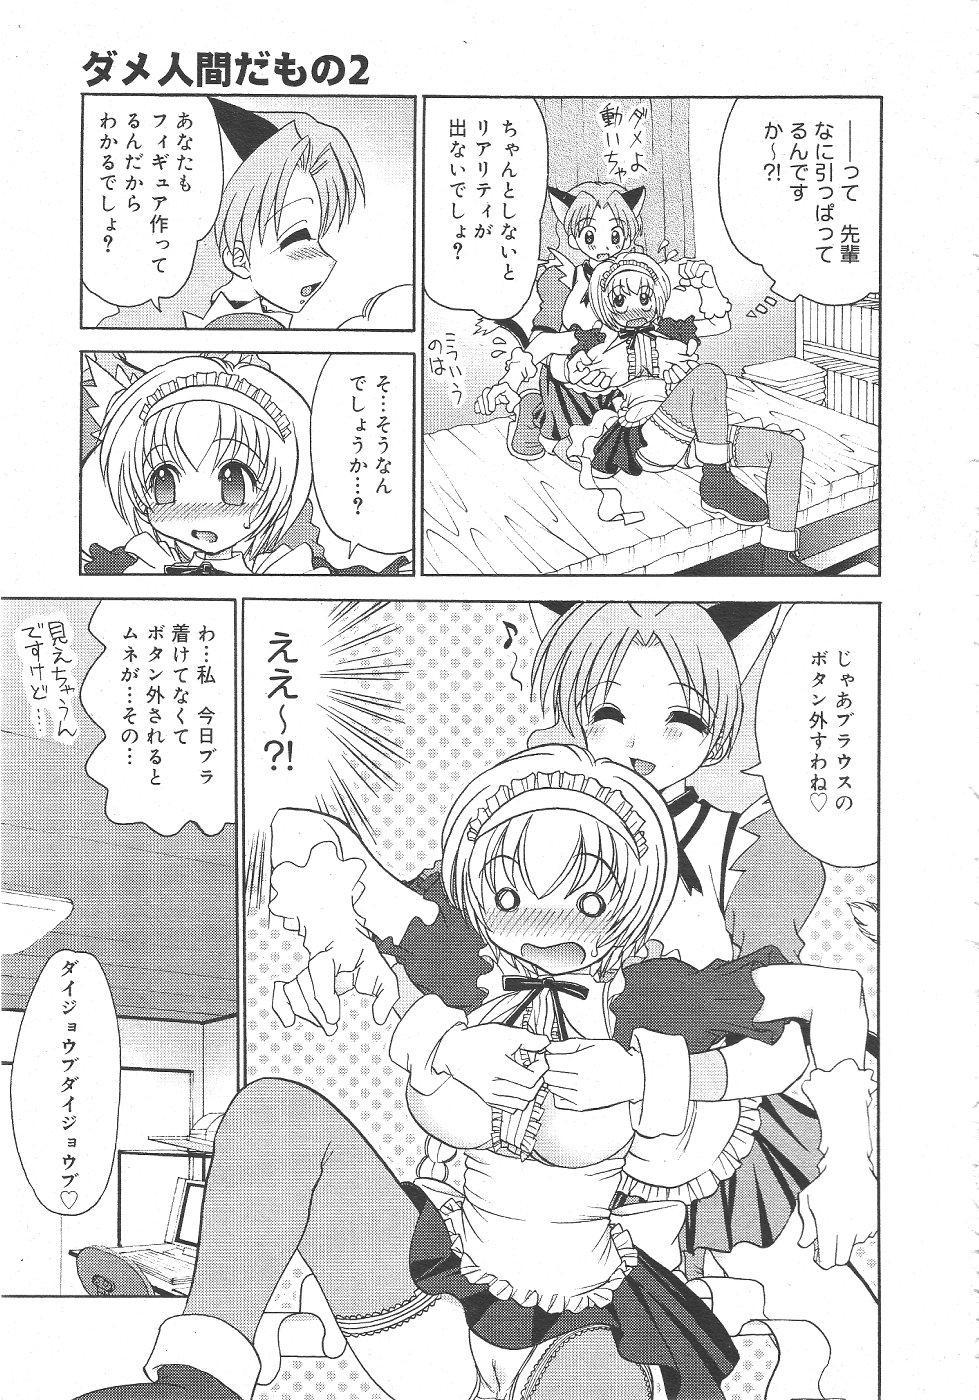 Gekkan Comic Muga 2004-06 Vol.10 52